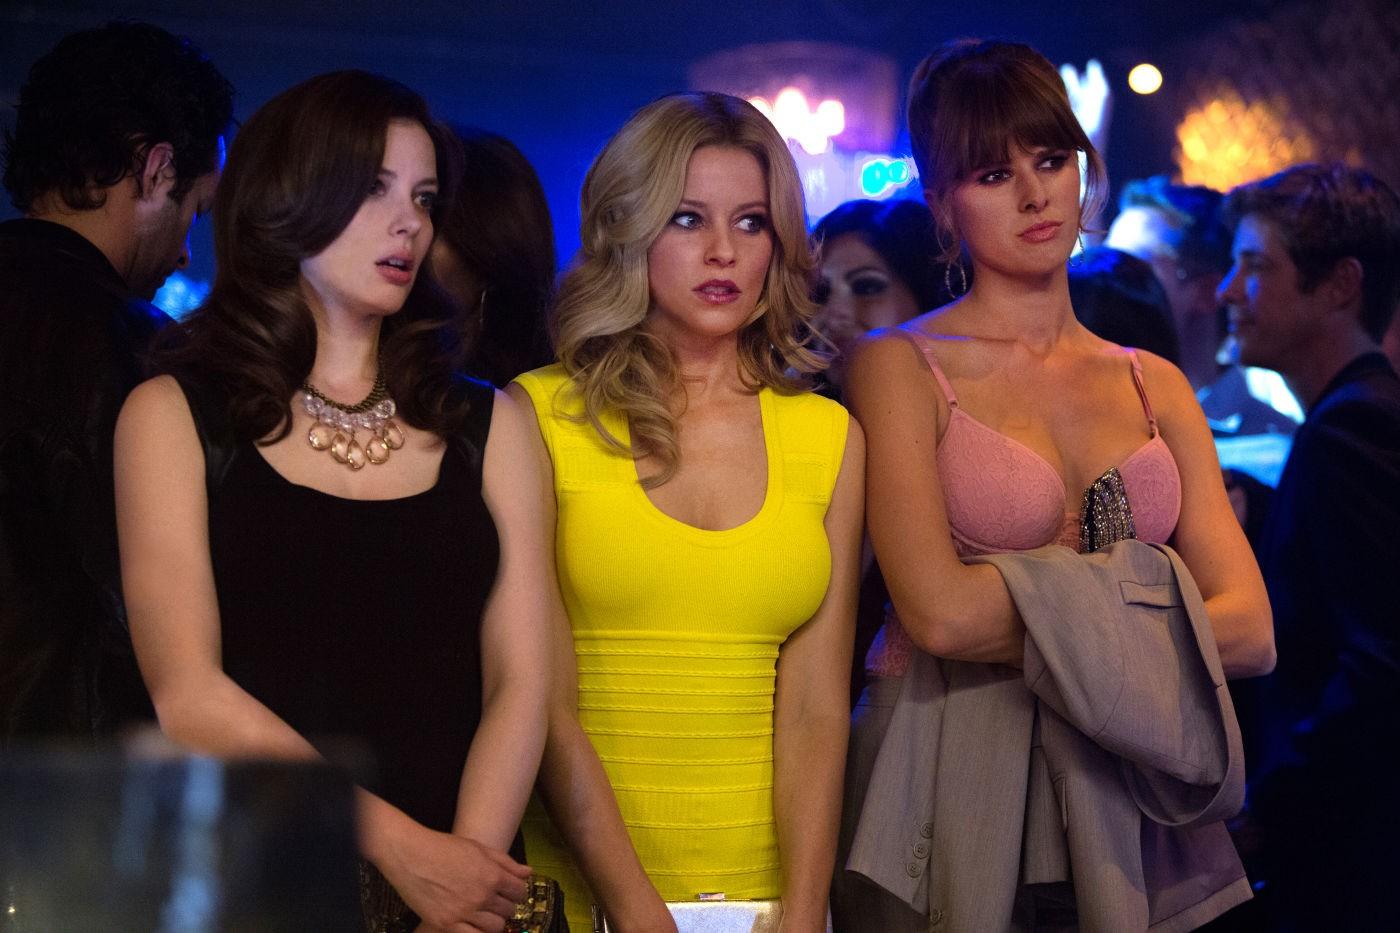 Una notte in giallo: Sarah Wright, Elizabeth Banks e Gillian Jacobs in una scena della commedia